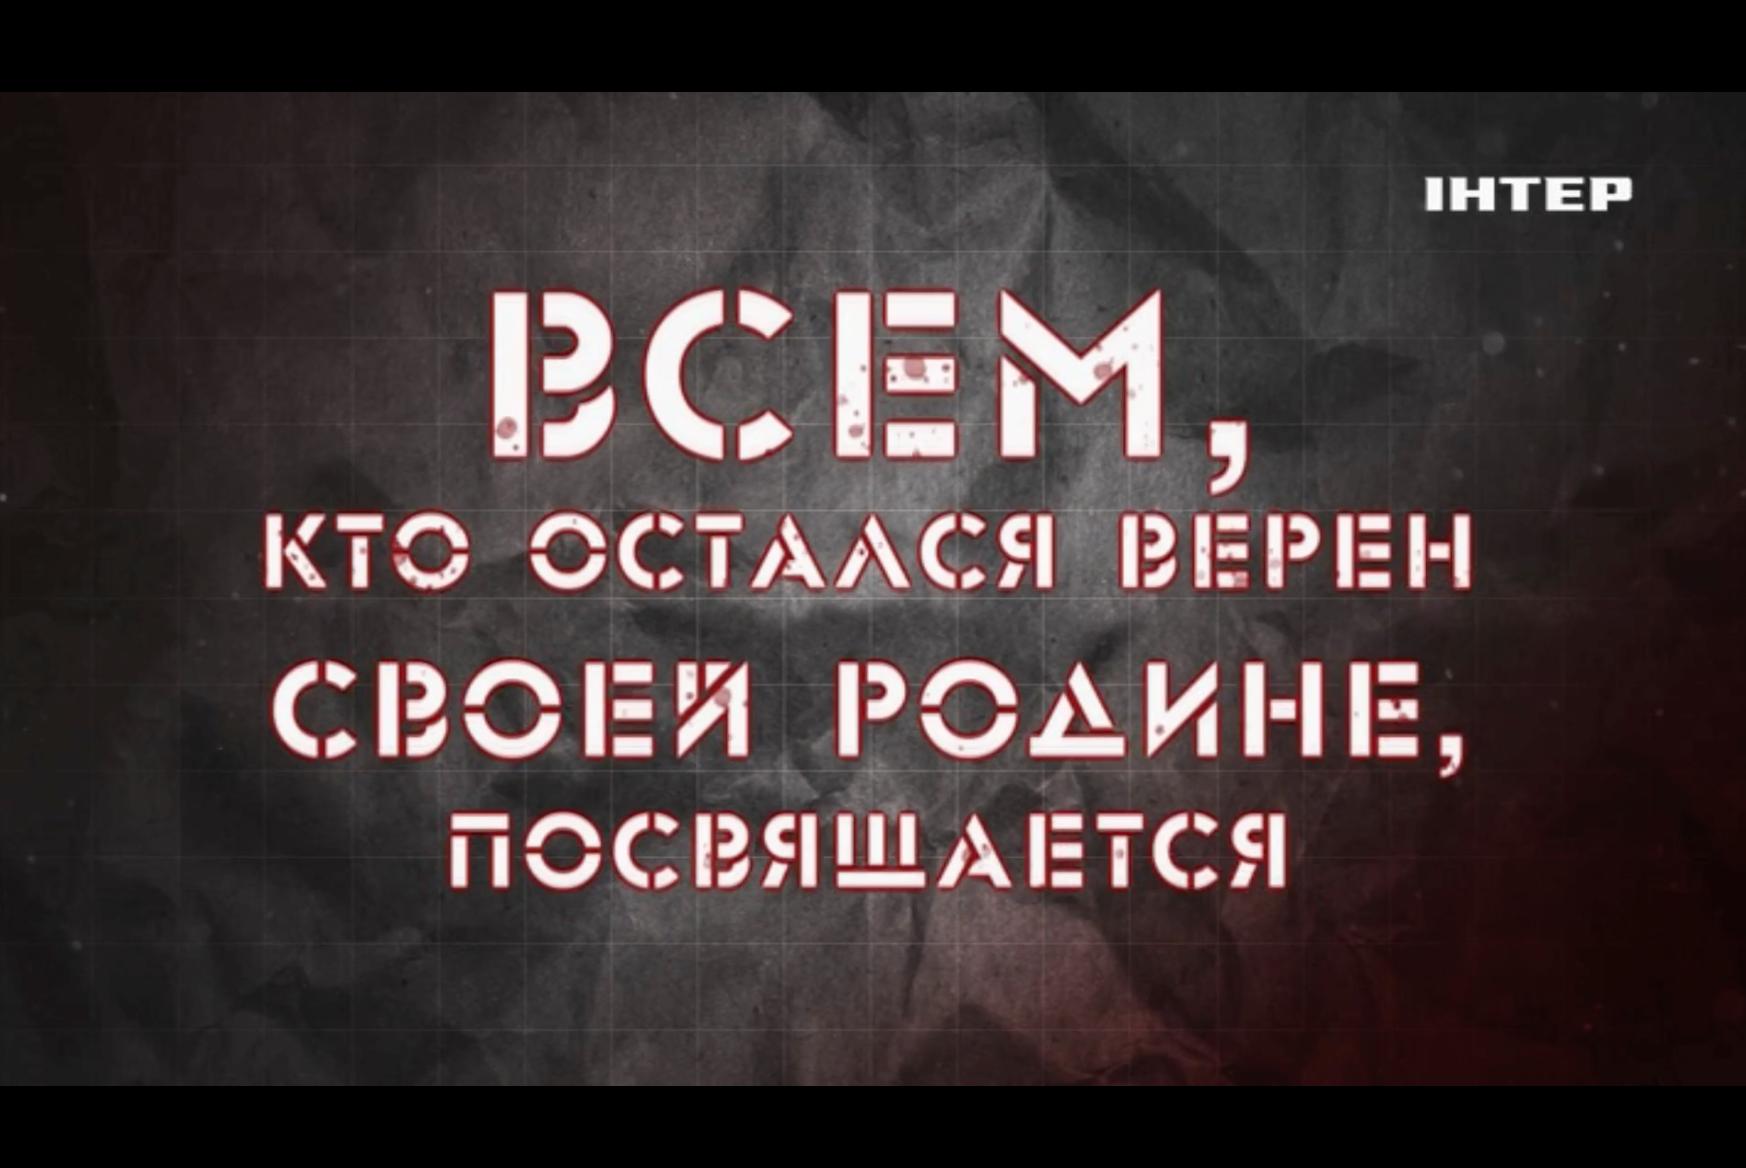 Анонс марафона советских фильмов